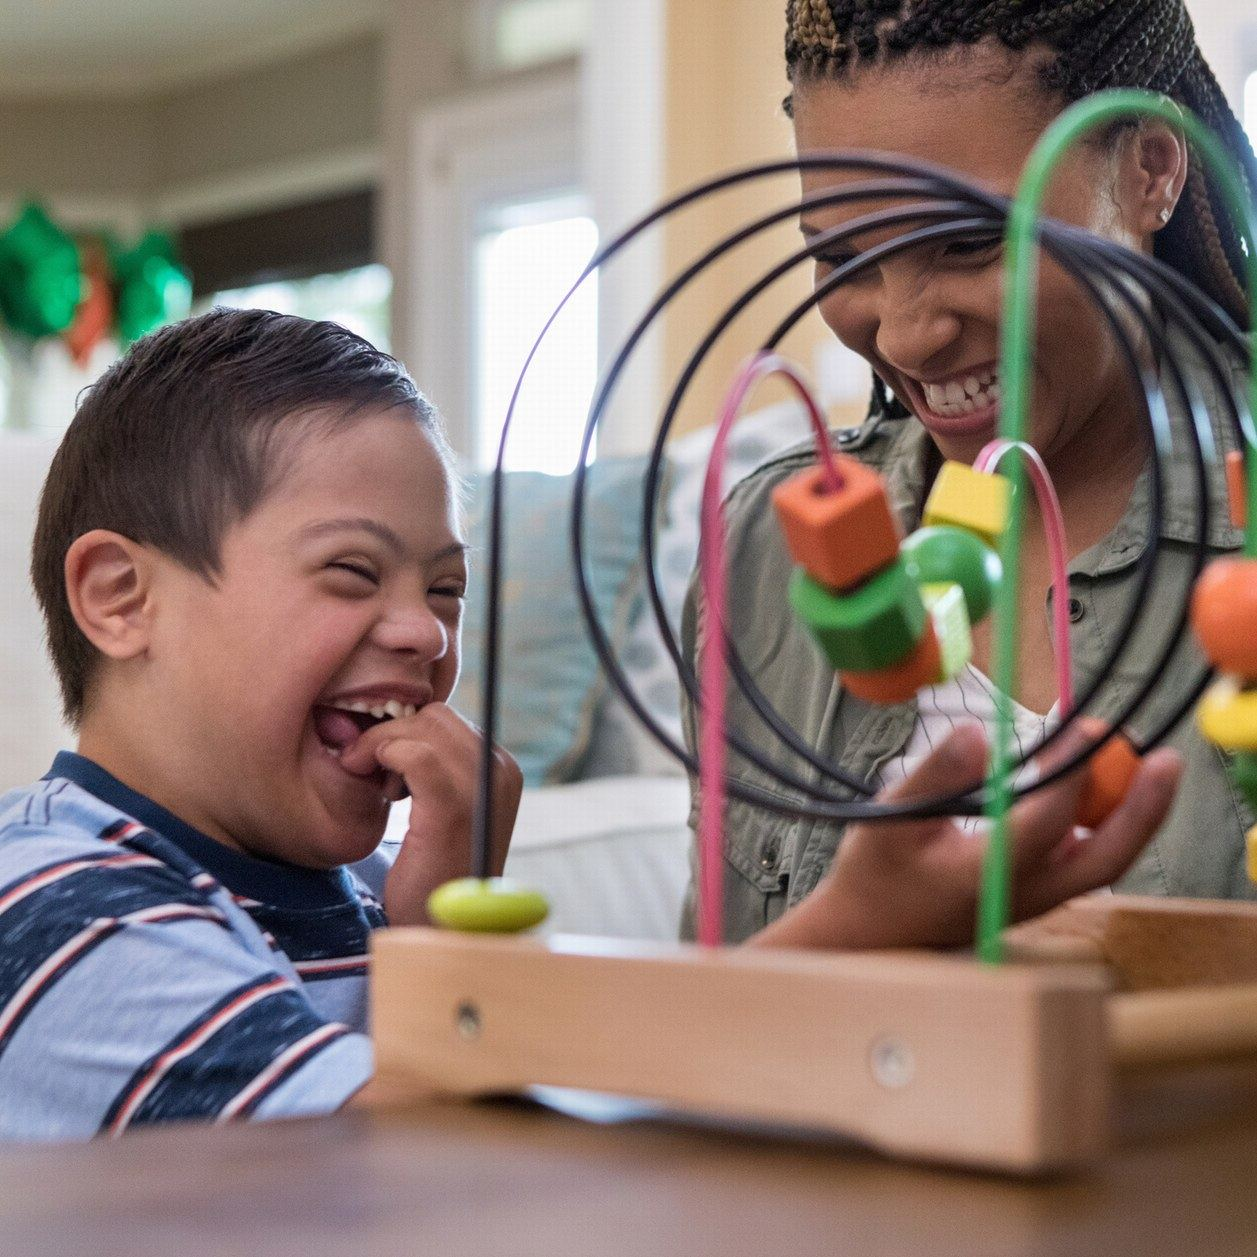 Une maman invente une machine pour permettre à son fils handicapé de jouer